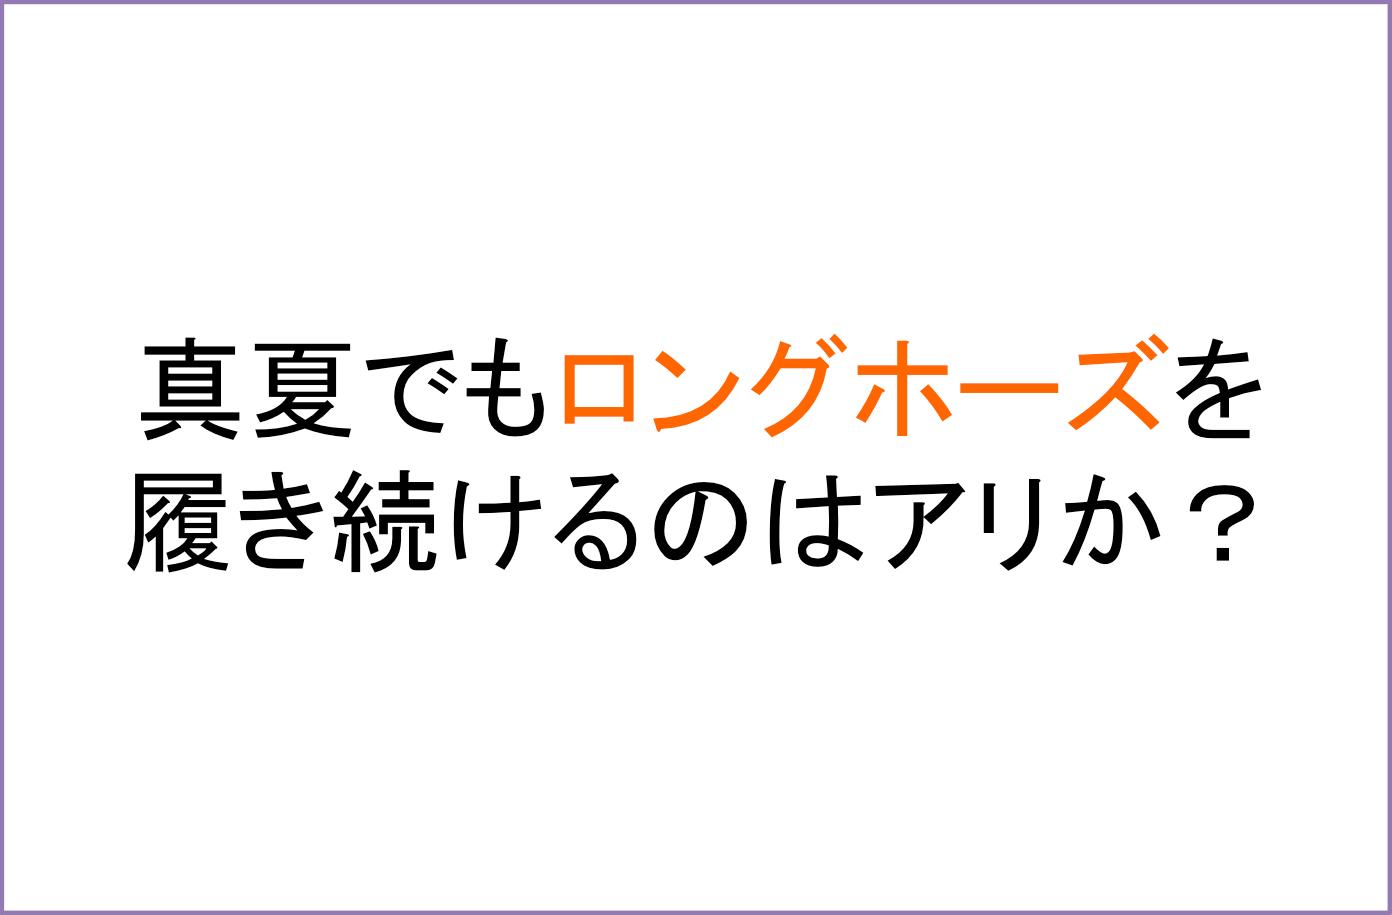 京都のクラフトビール「京都クラシック レッドエール」。お米を使った飲みやすい和風テイストがGood !